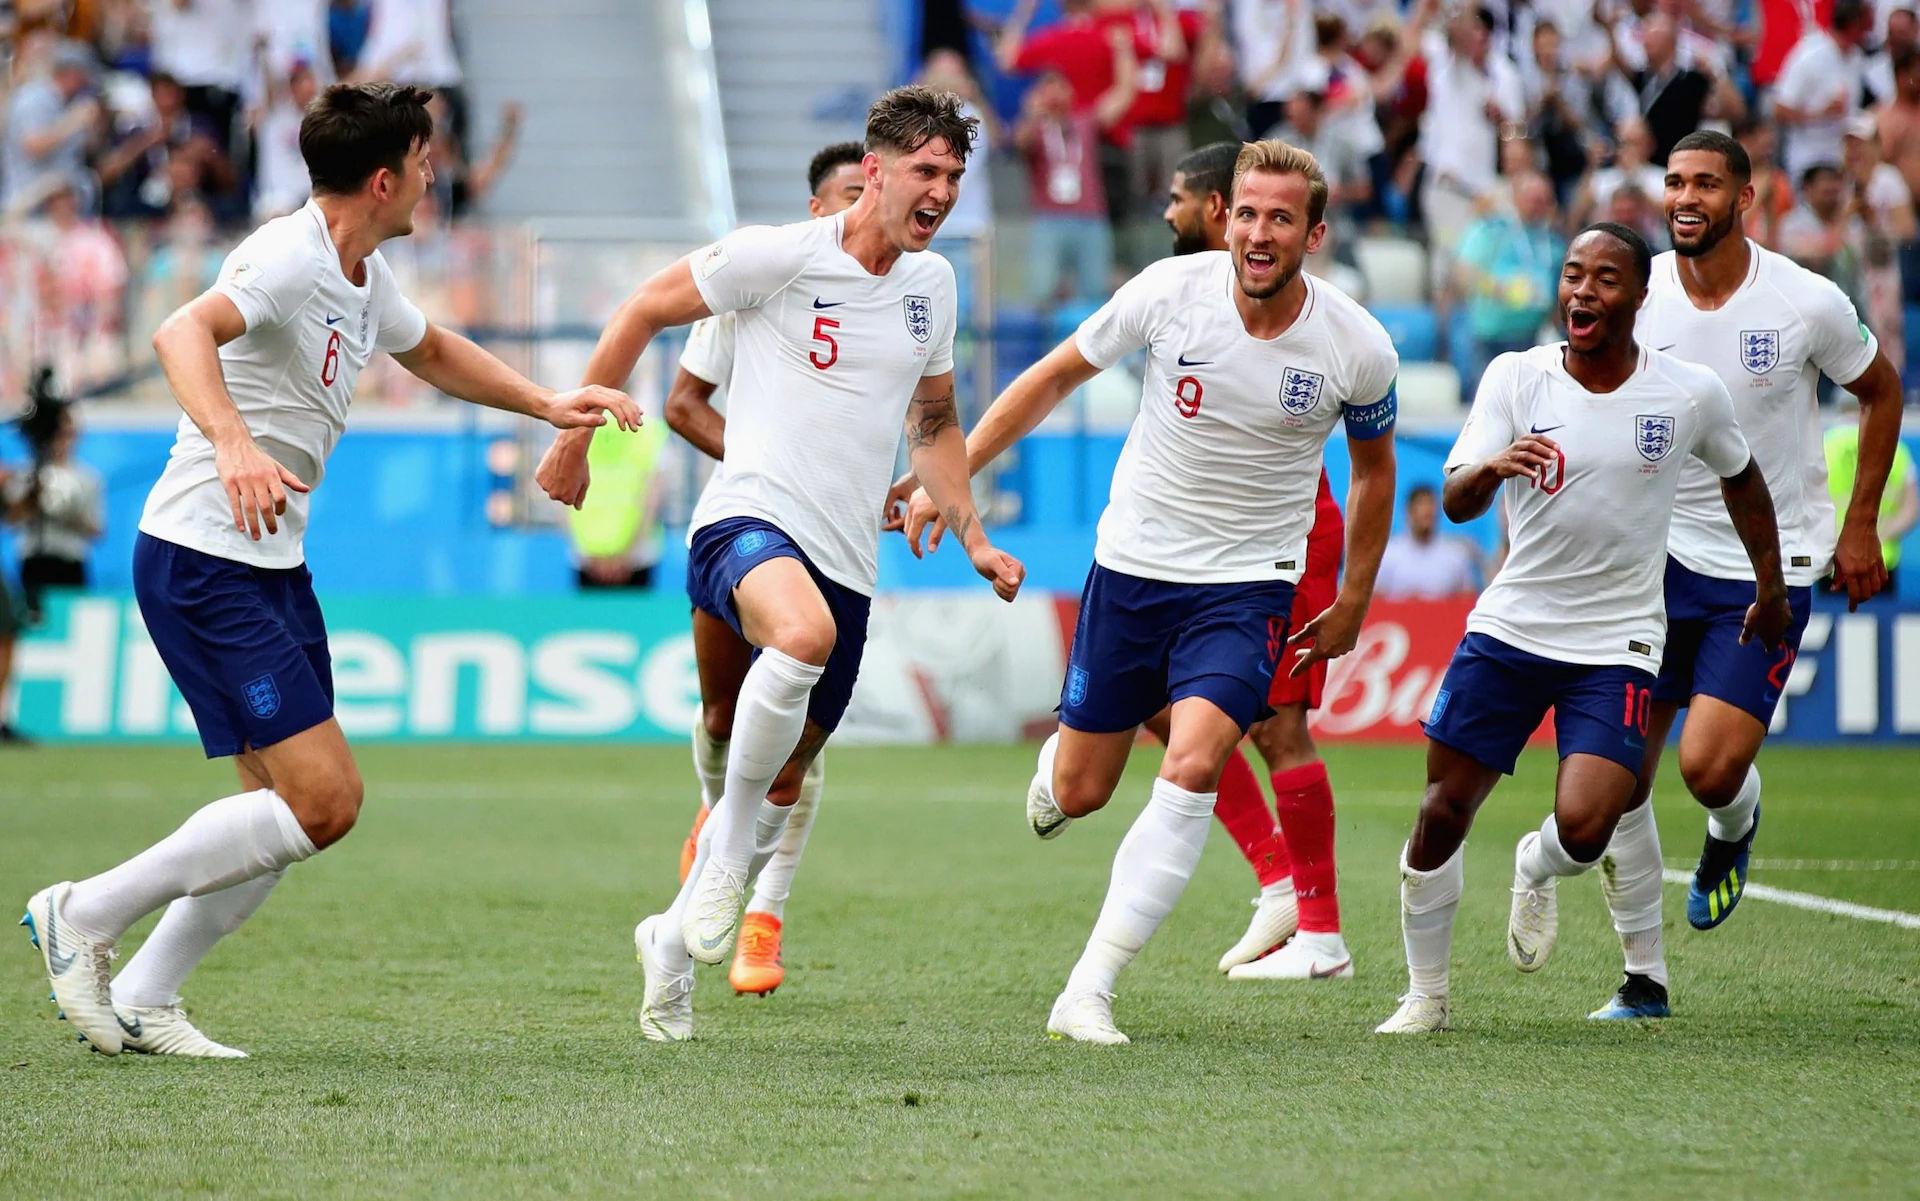 法格纳:英格兰很强大 有底蕴的球队才会进决赛